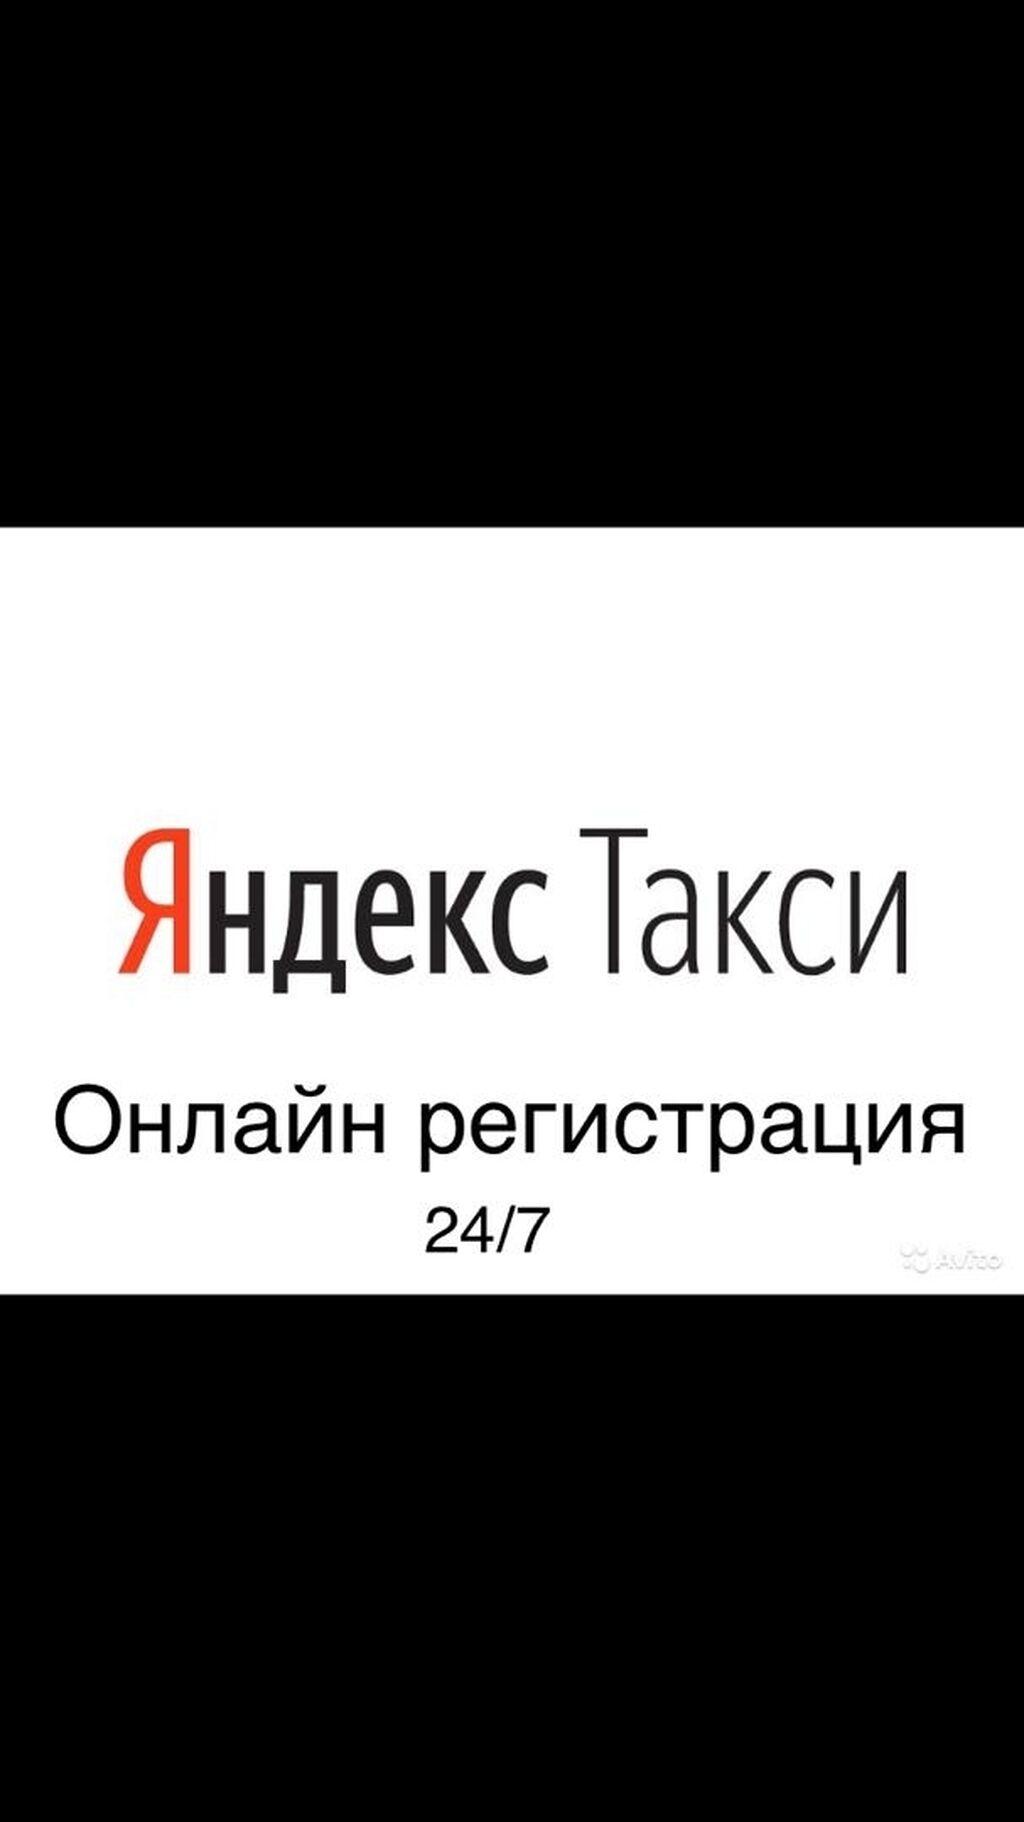 по цене: Договорная: Официальный партнер «Яндекс» в Бишкеке